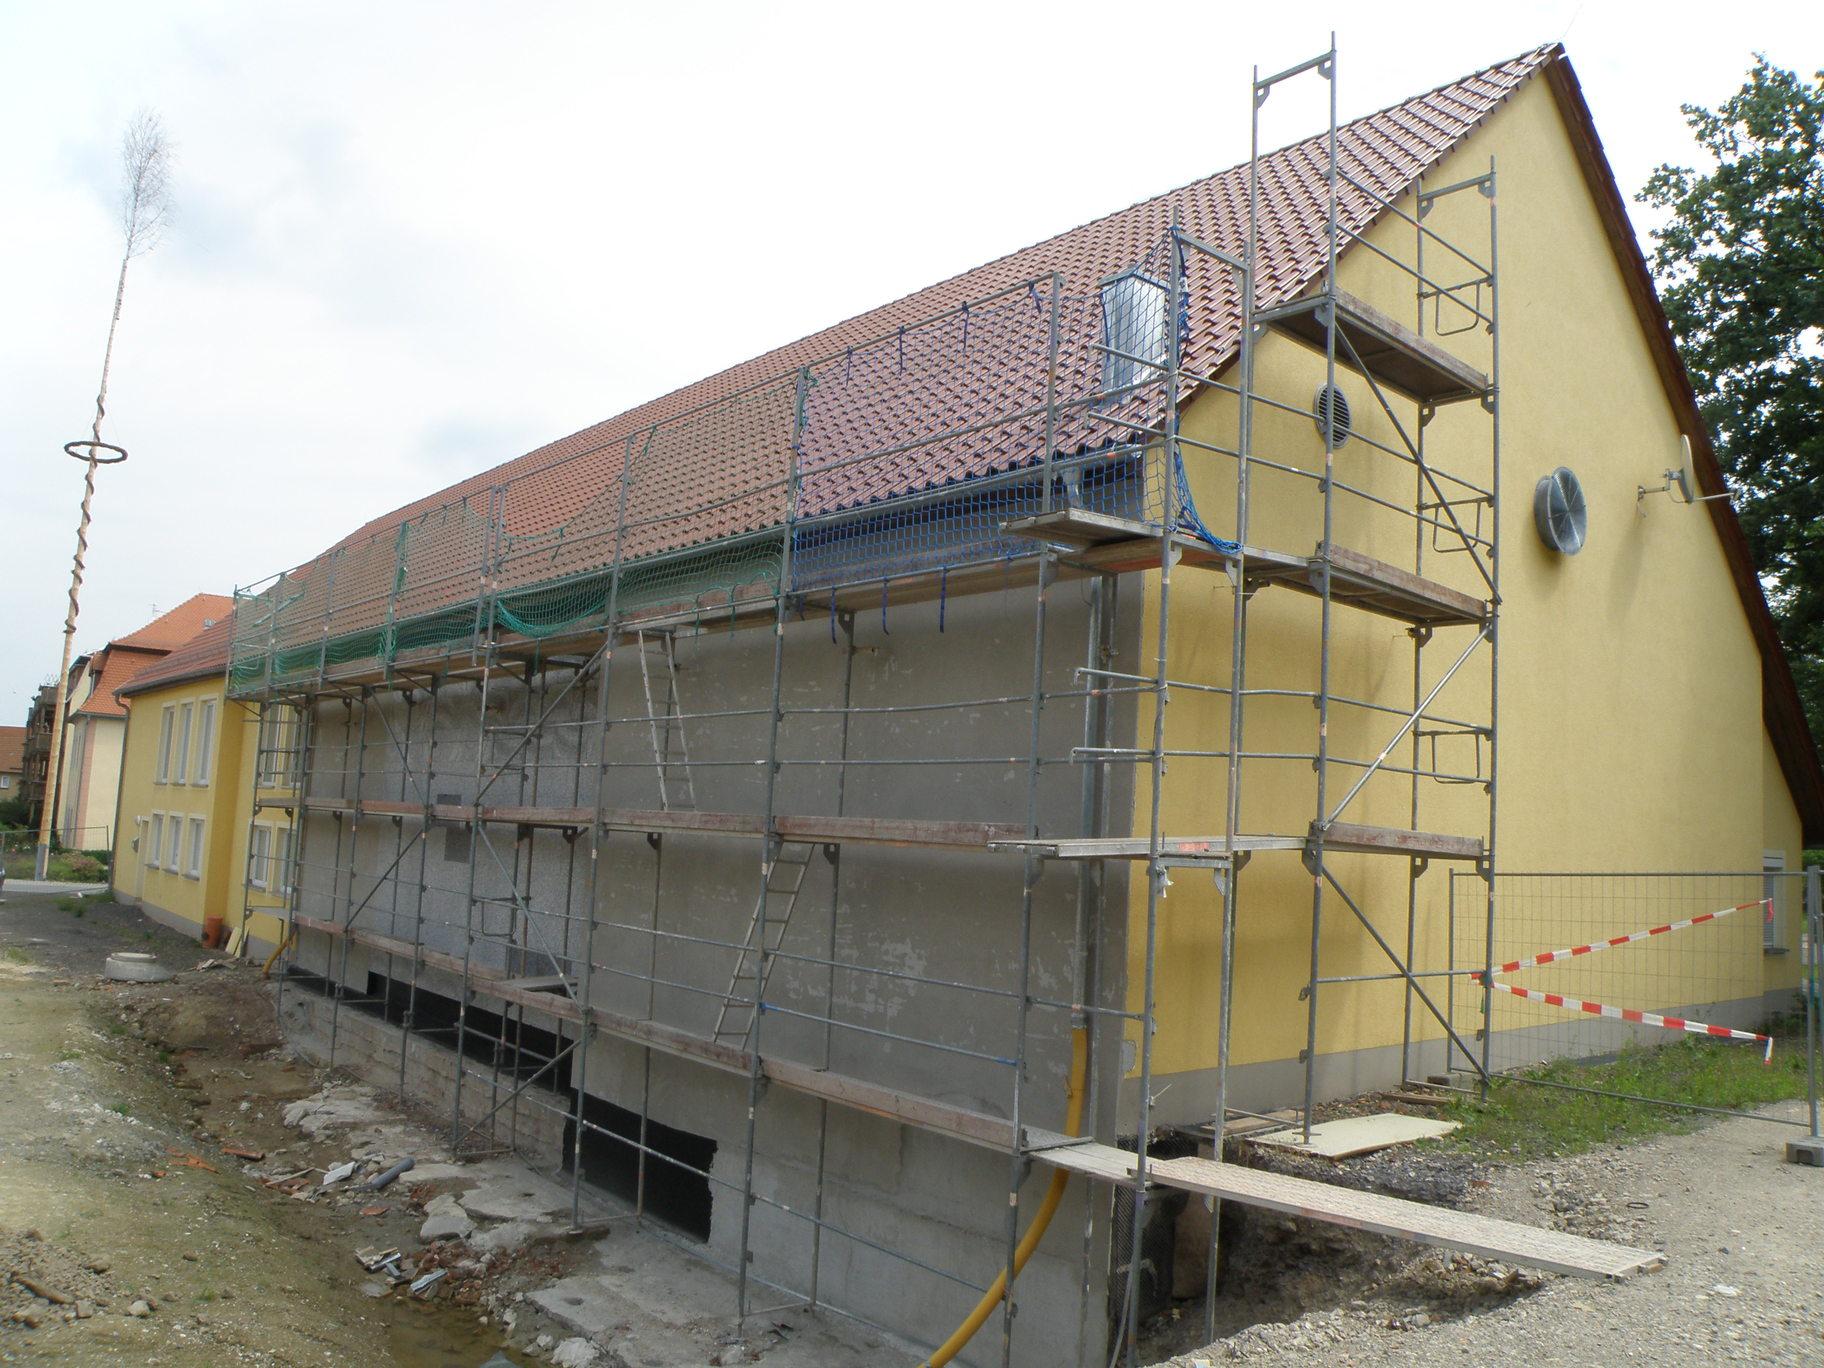 Seitenansicht der Fassadenneugestaltung im Jahr 2012